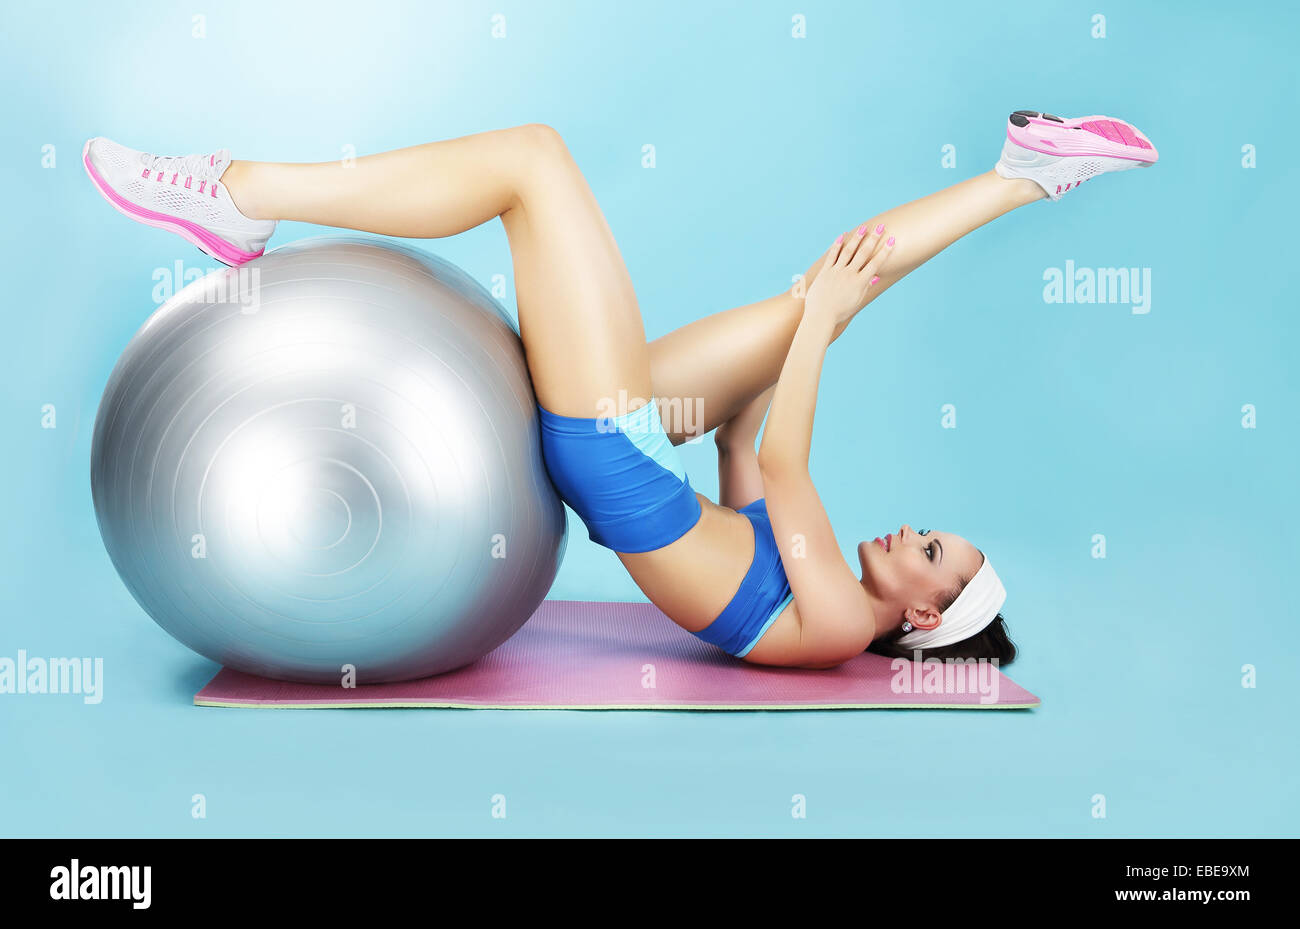 Concept de bien-être. Femme en sport à l'équipement de sport Photo Stock